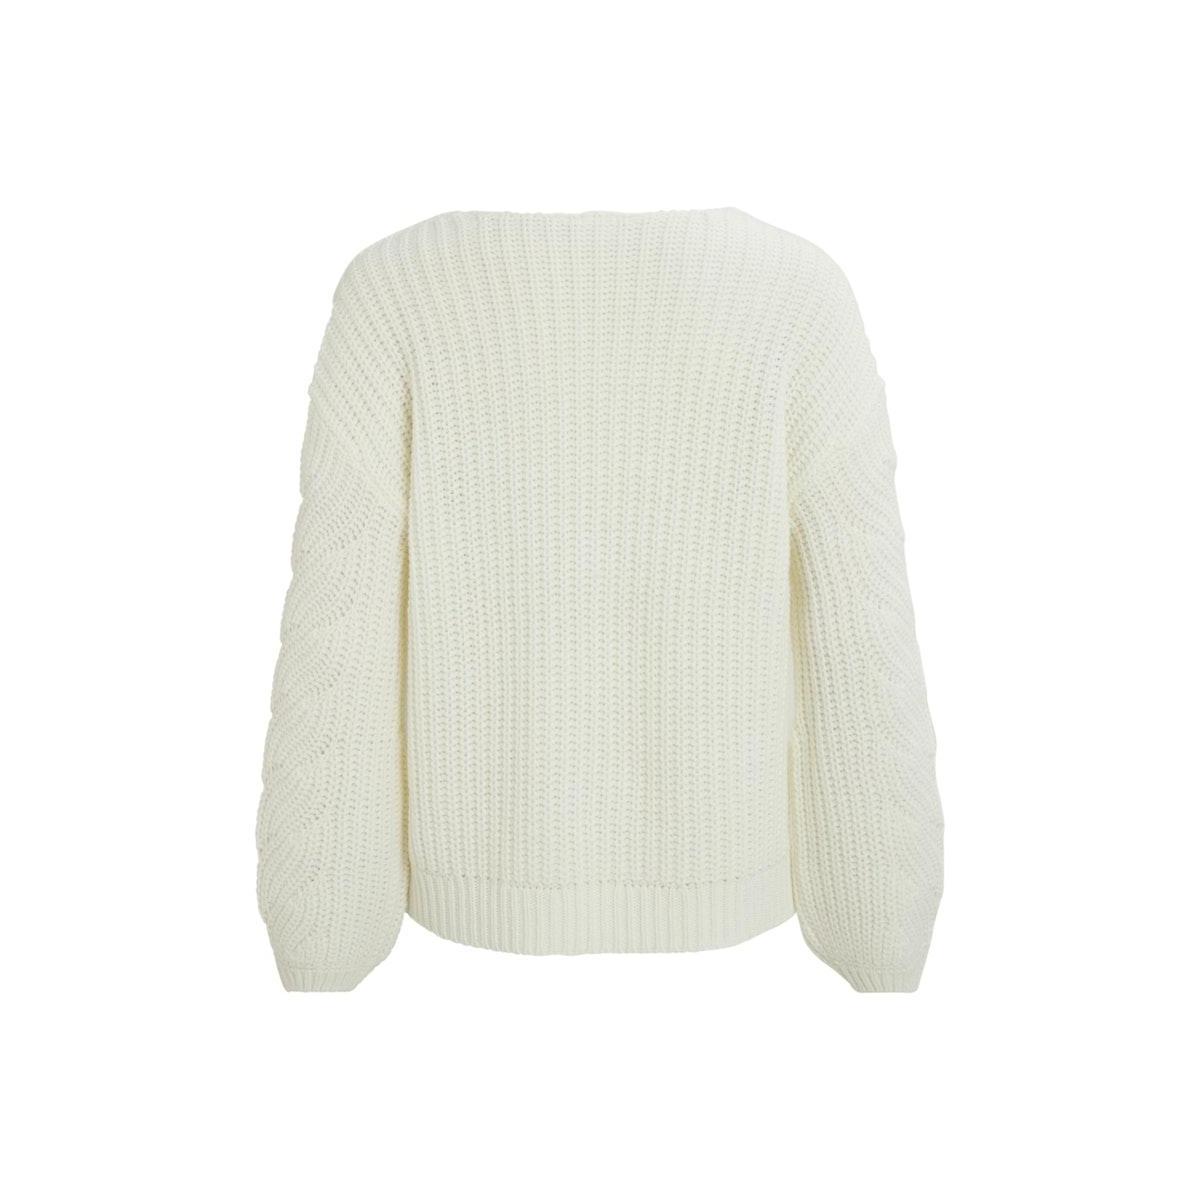 visee knit v-neck l/s top 14058254 vila trui whisper white